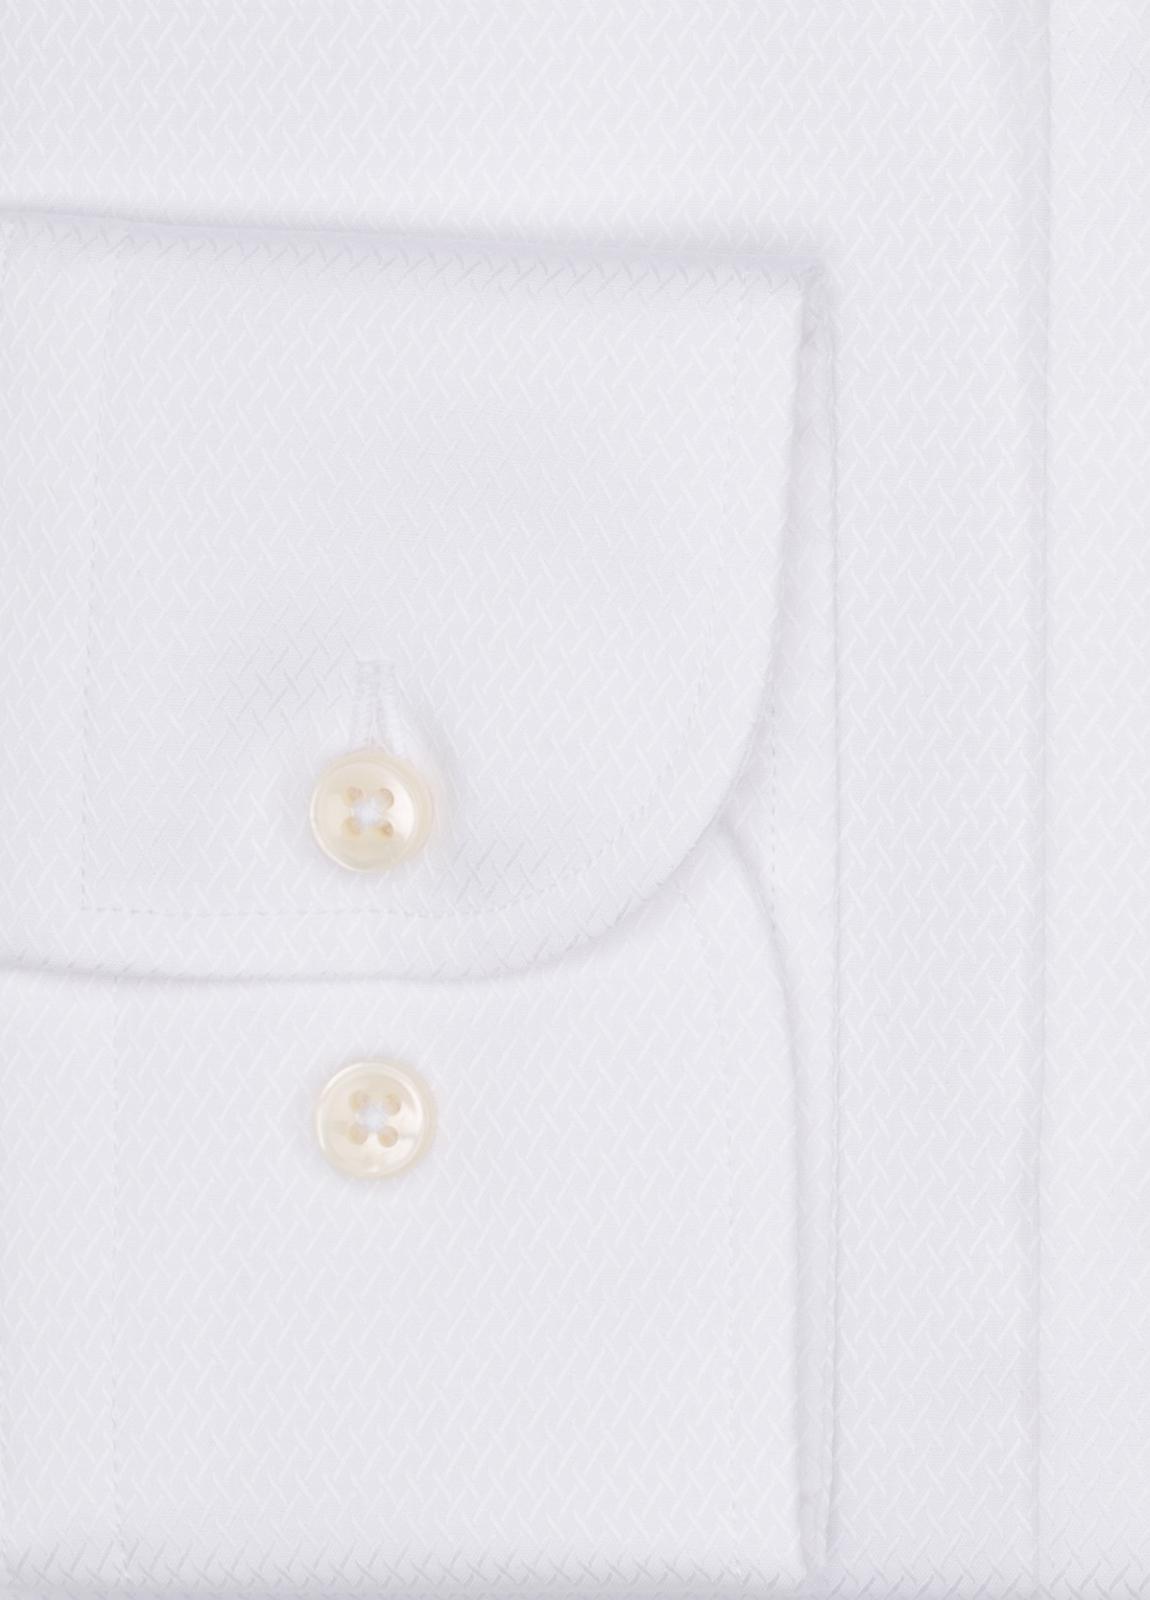 Camisa Formal Wear SLIM FIT cuello italiano modelo ROMA tejido micrograbado color blanco, 100% Algodón. - Ítem1